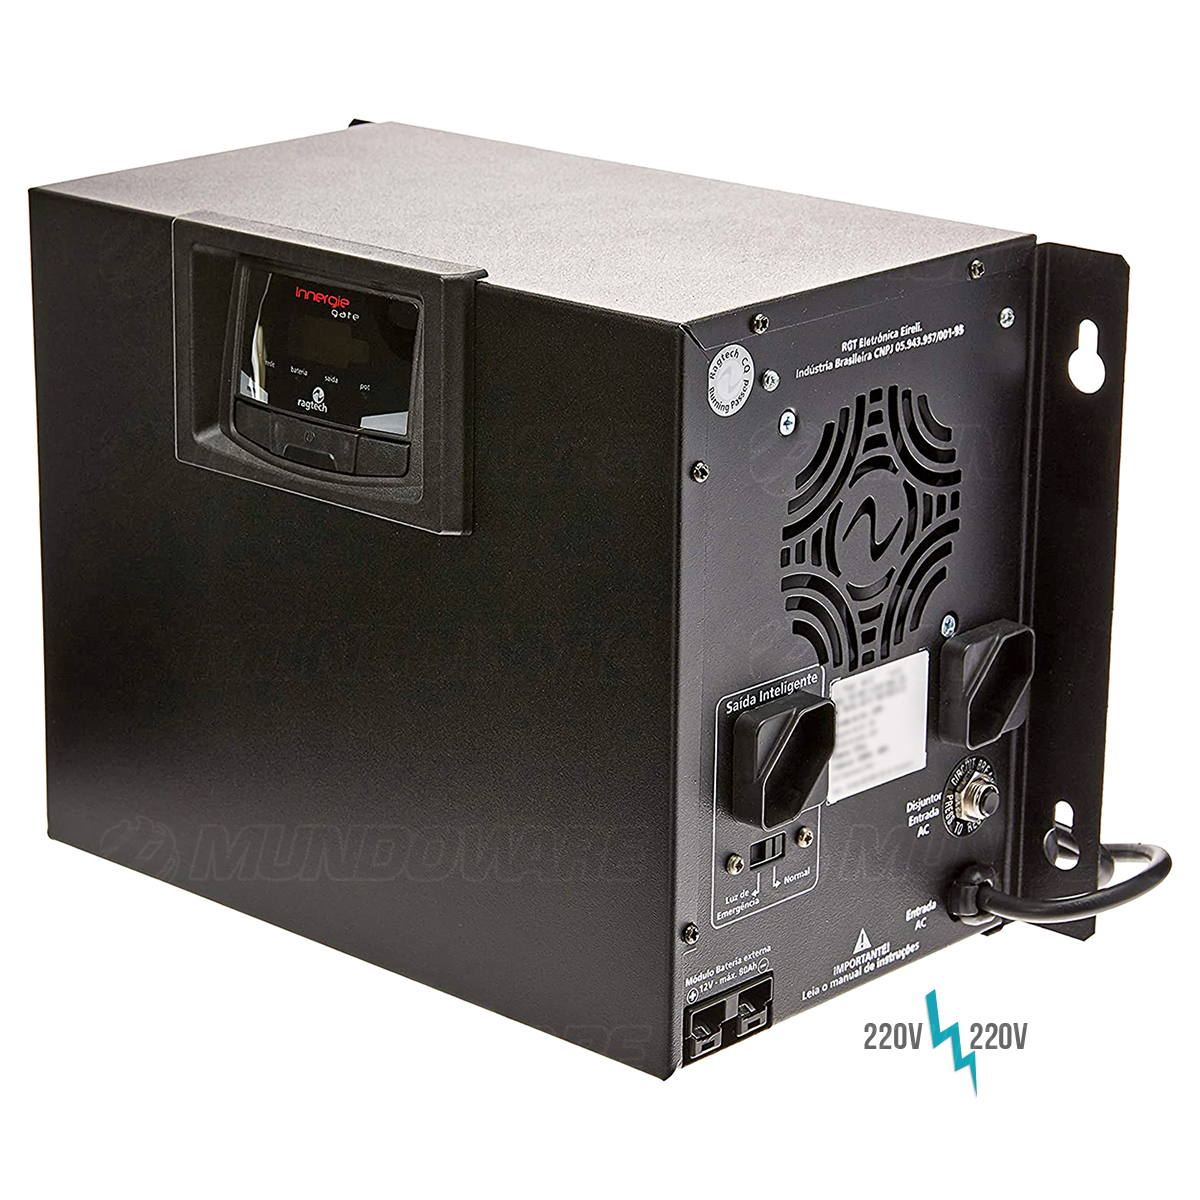 Nobreak para Portão Basculante Deslizante Pivotante 220V 1/2HP Senoidal 700VA 2 Baterias Internas de 7Ah Ragtech 4413